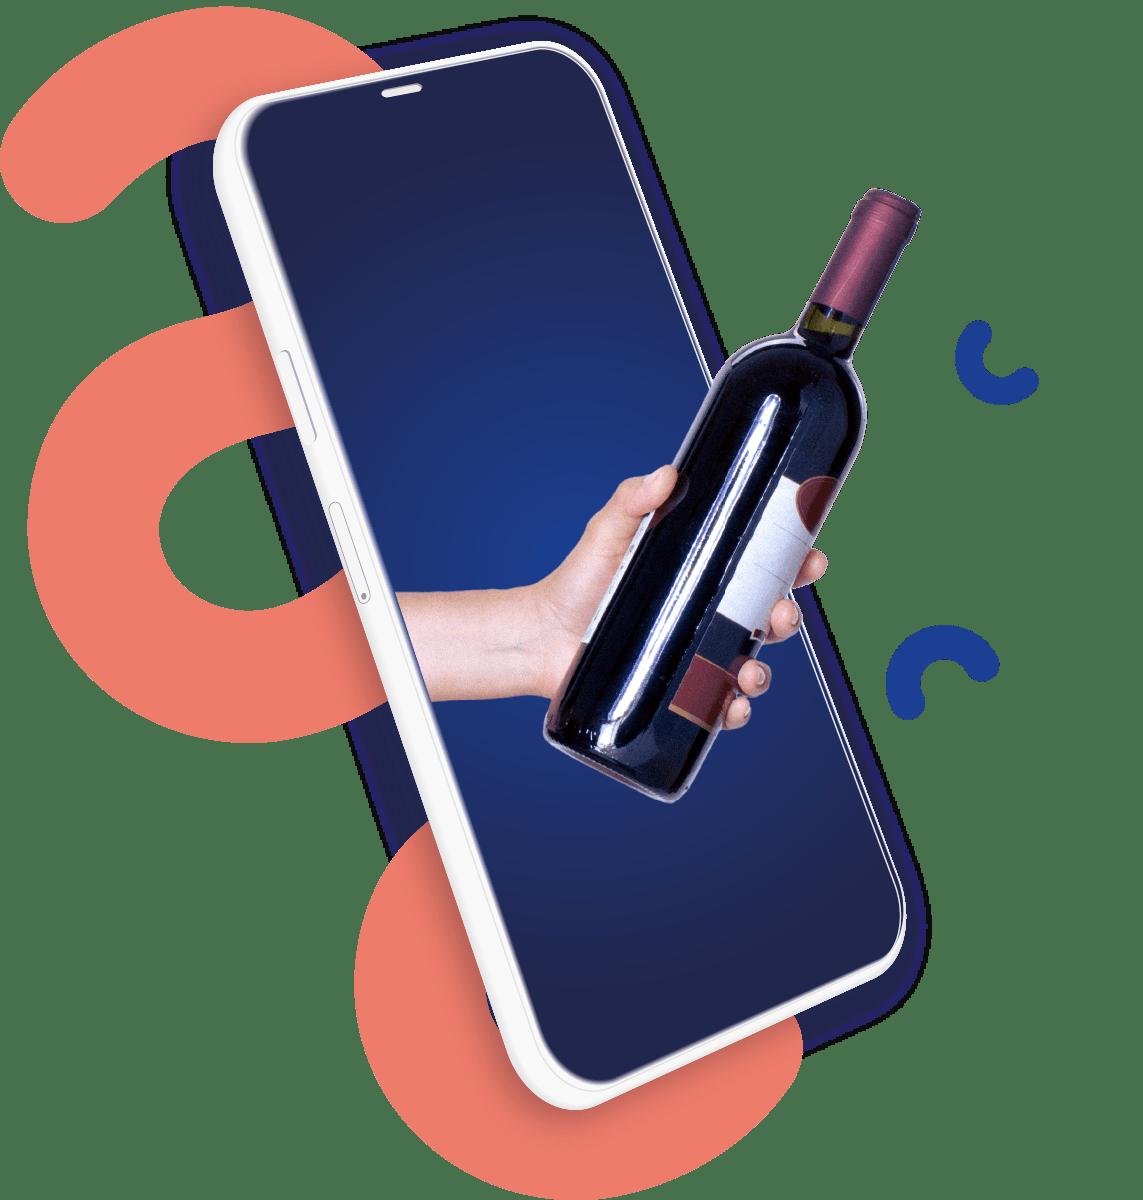 Ilustração com telemóvel e garrafa de vinho